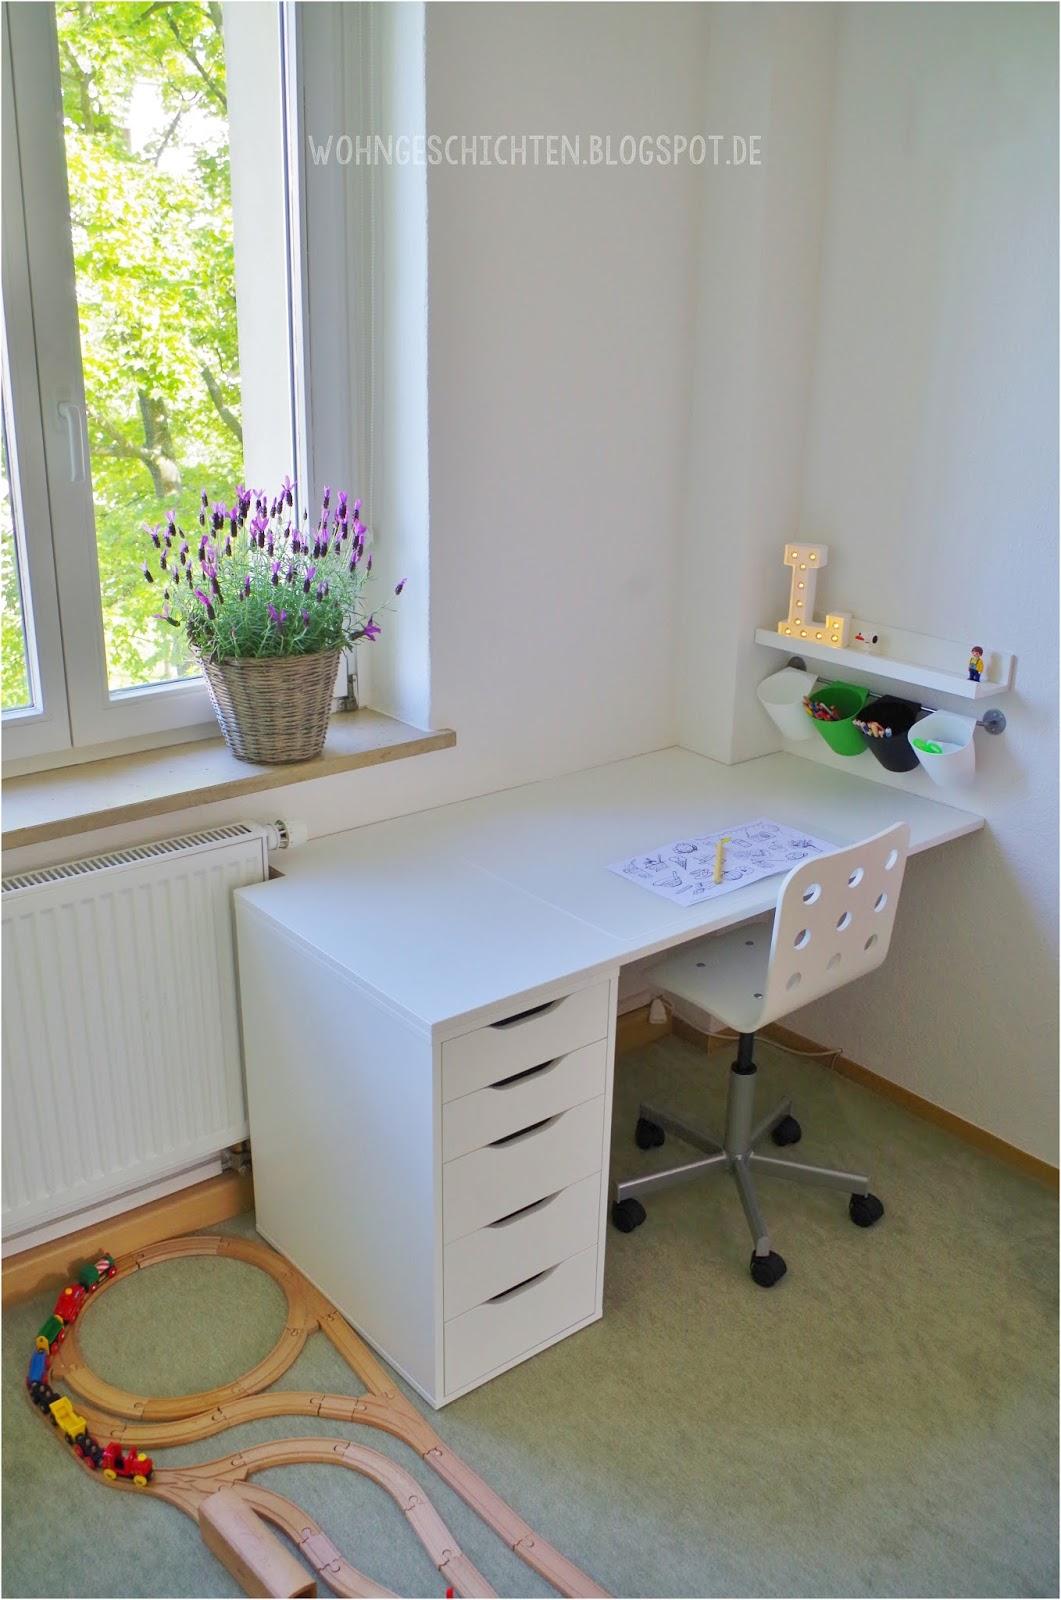 Wohngeschichten unser neues kinderzimmer for Ikea schreibtisch kinder